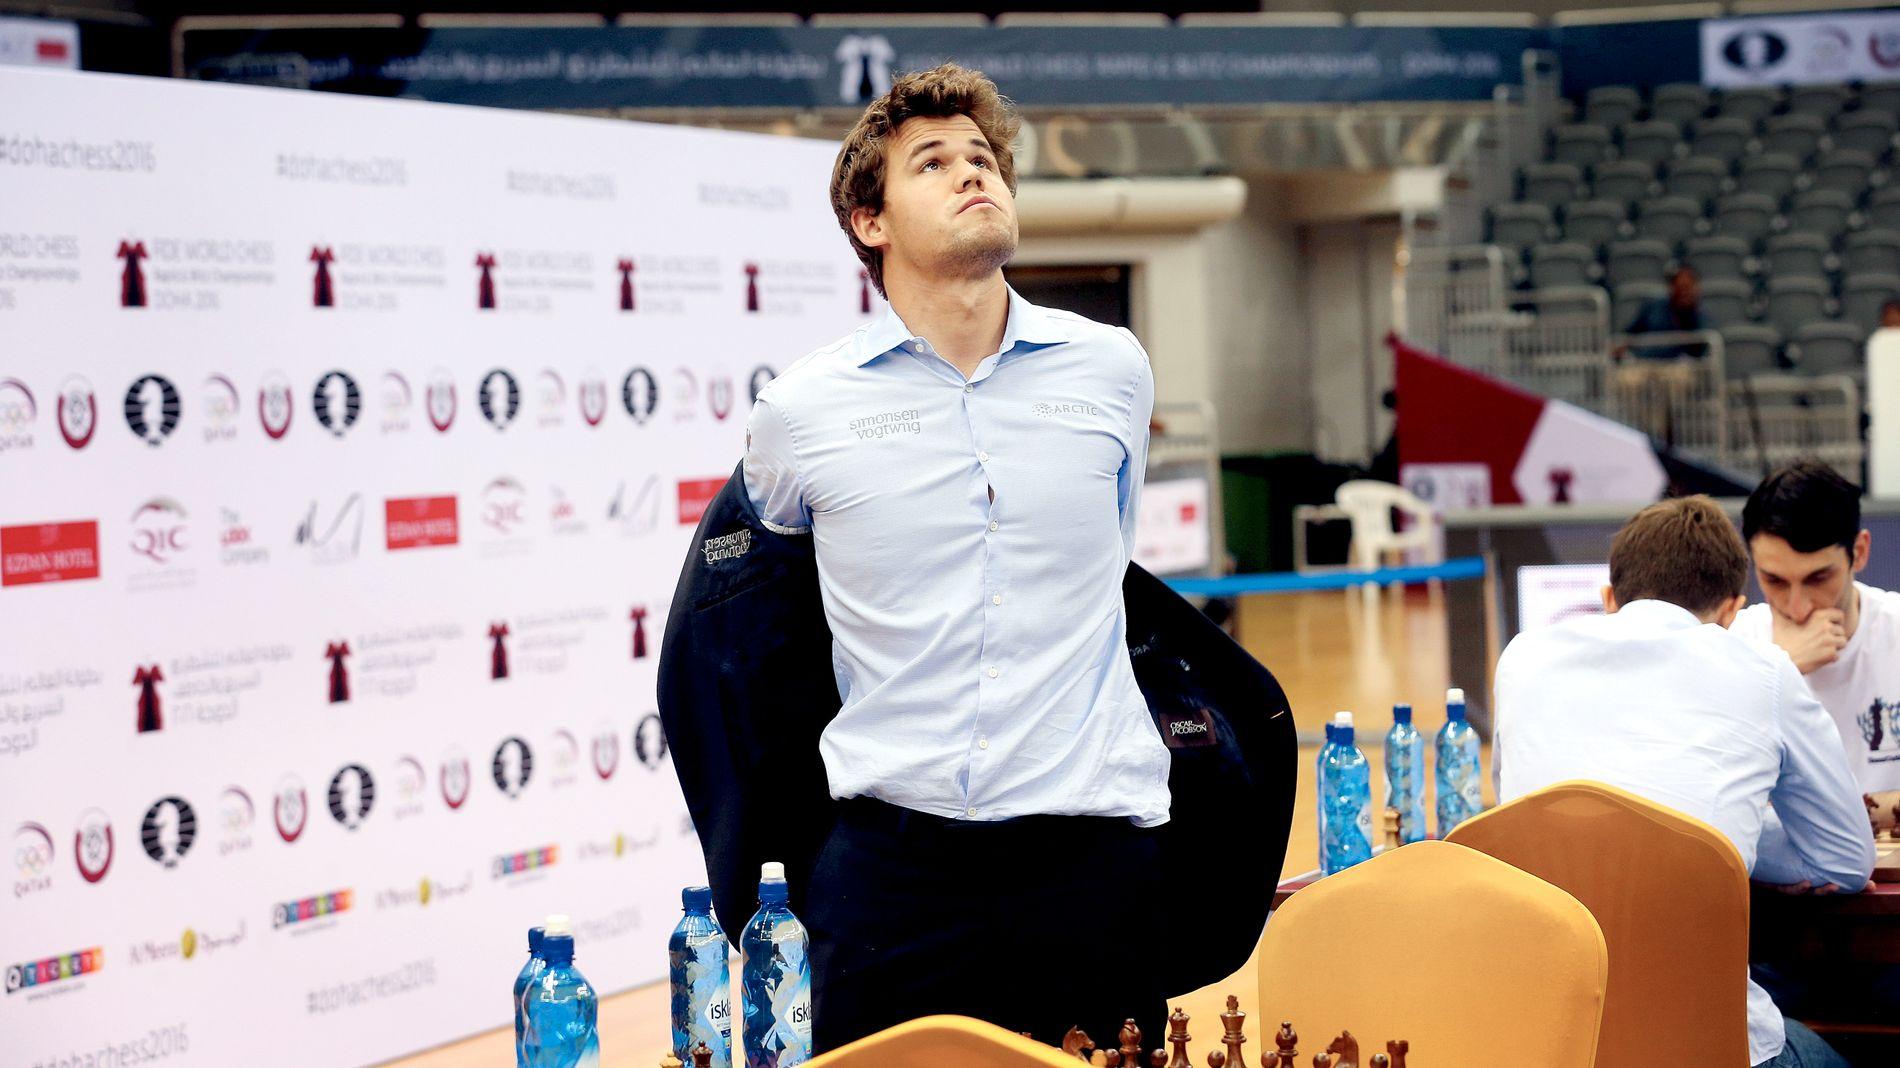 SKUFFET:  Magnus Carlsen var skuffet over å miste VM-gullet i lynsjakk.